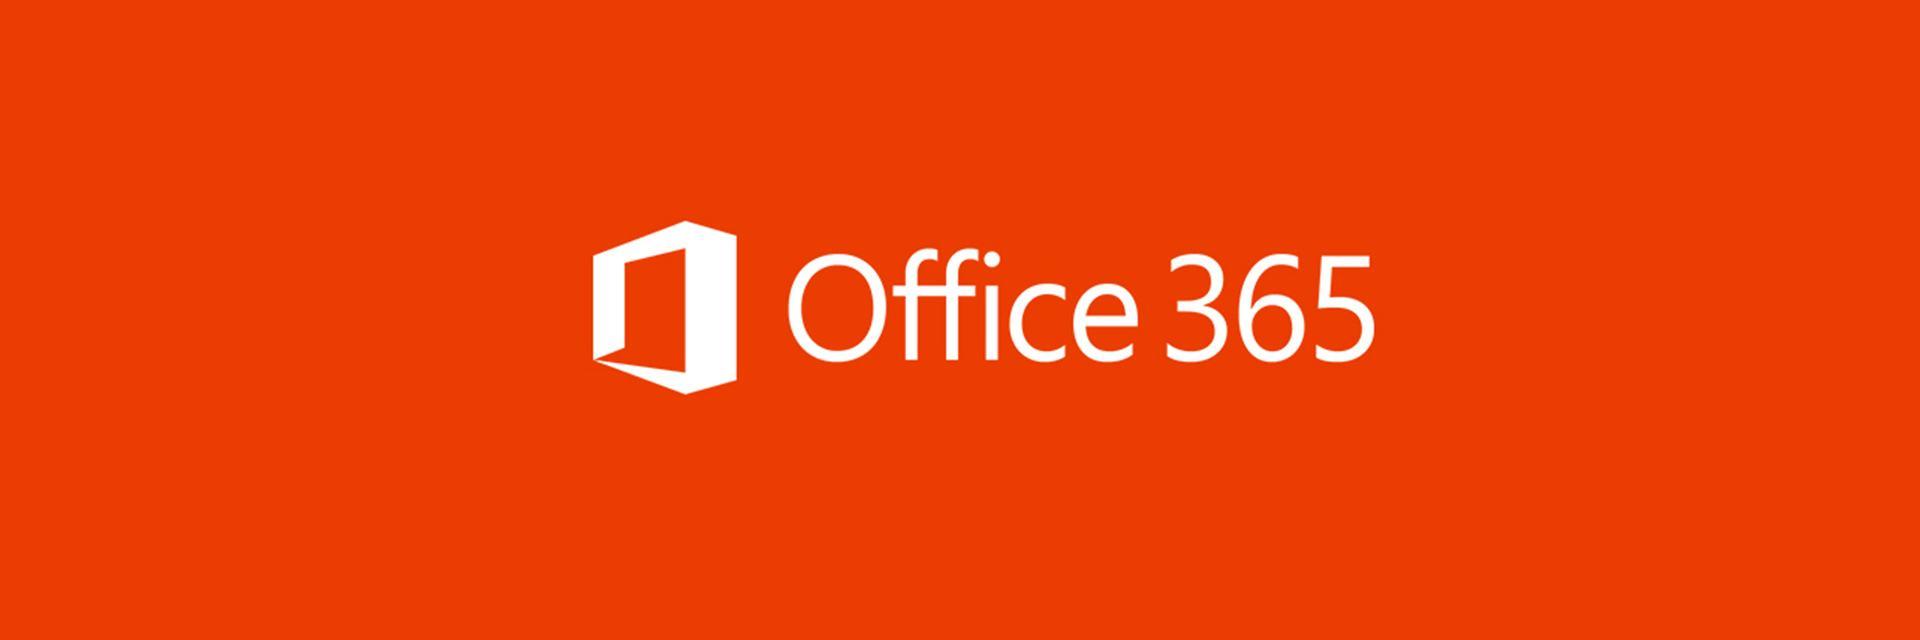 最新免费申请一年Office 365企业版 E3 开发者订阅 详细教程 其他 第1张